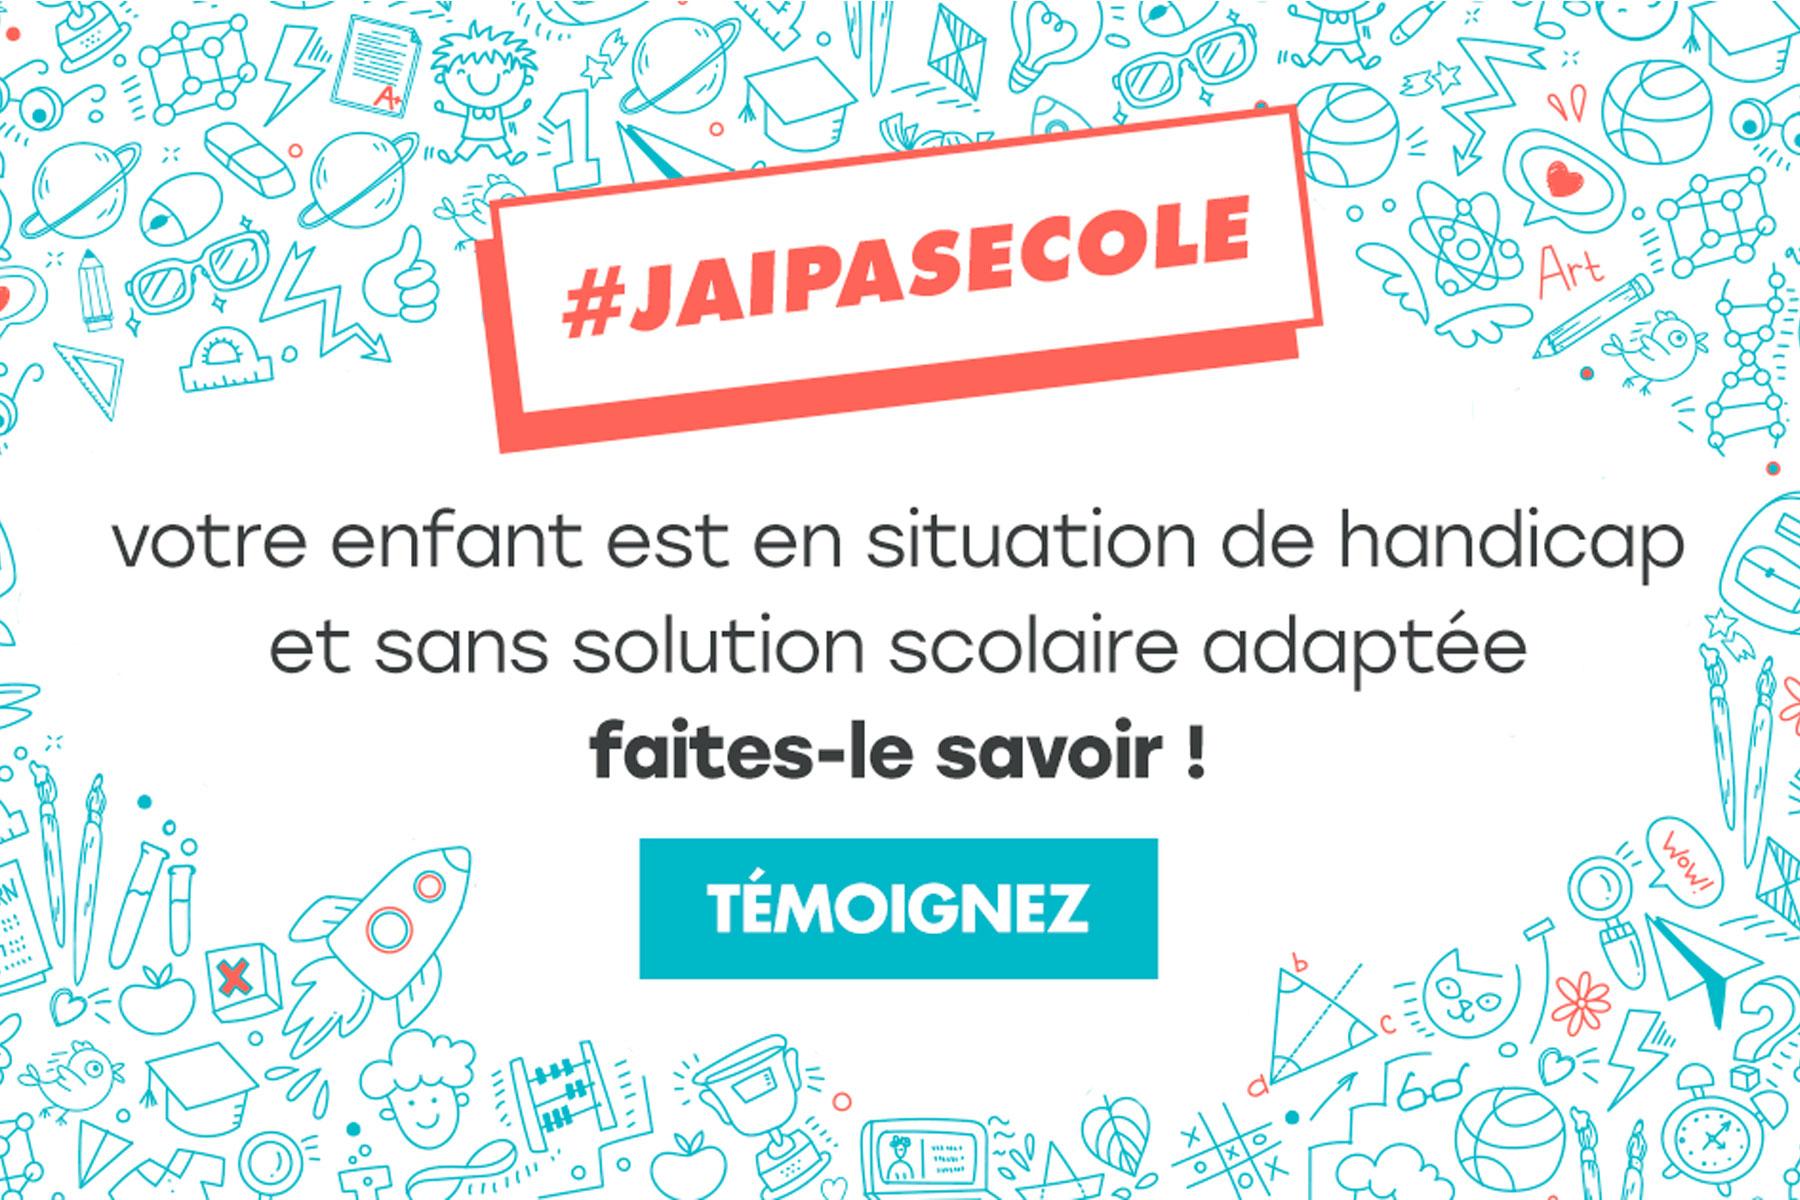 Mobilisation citoyenne #jaipasecole